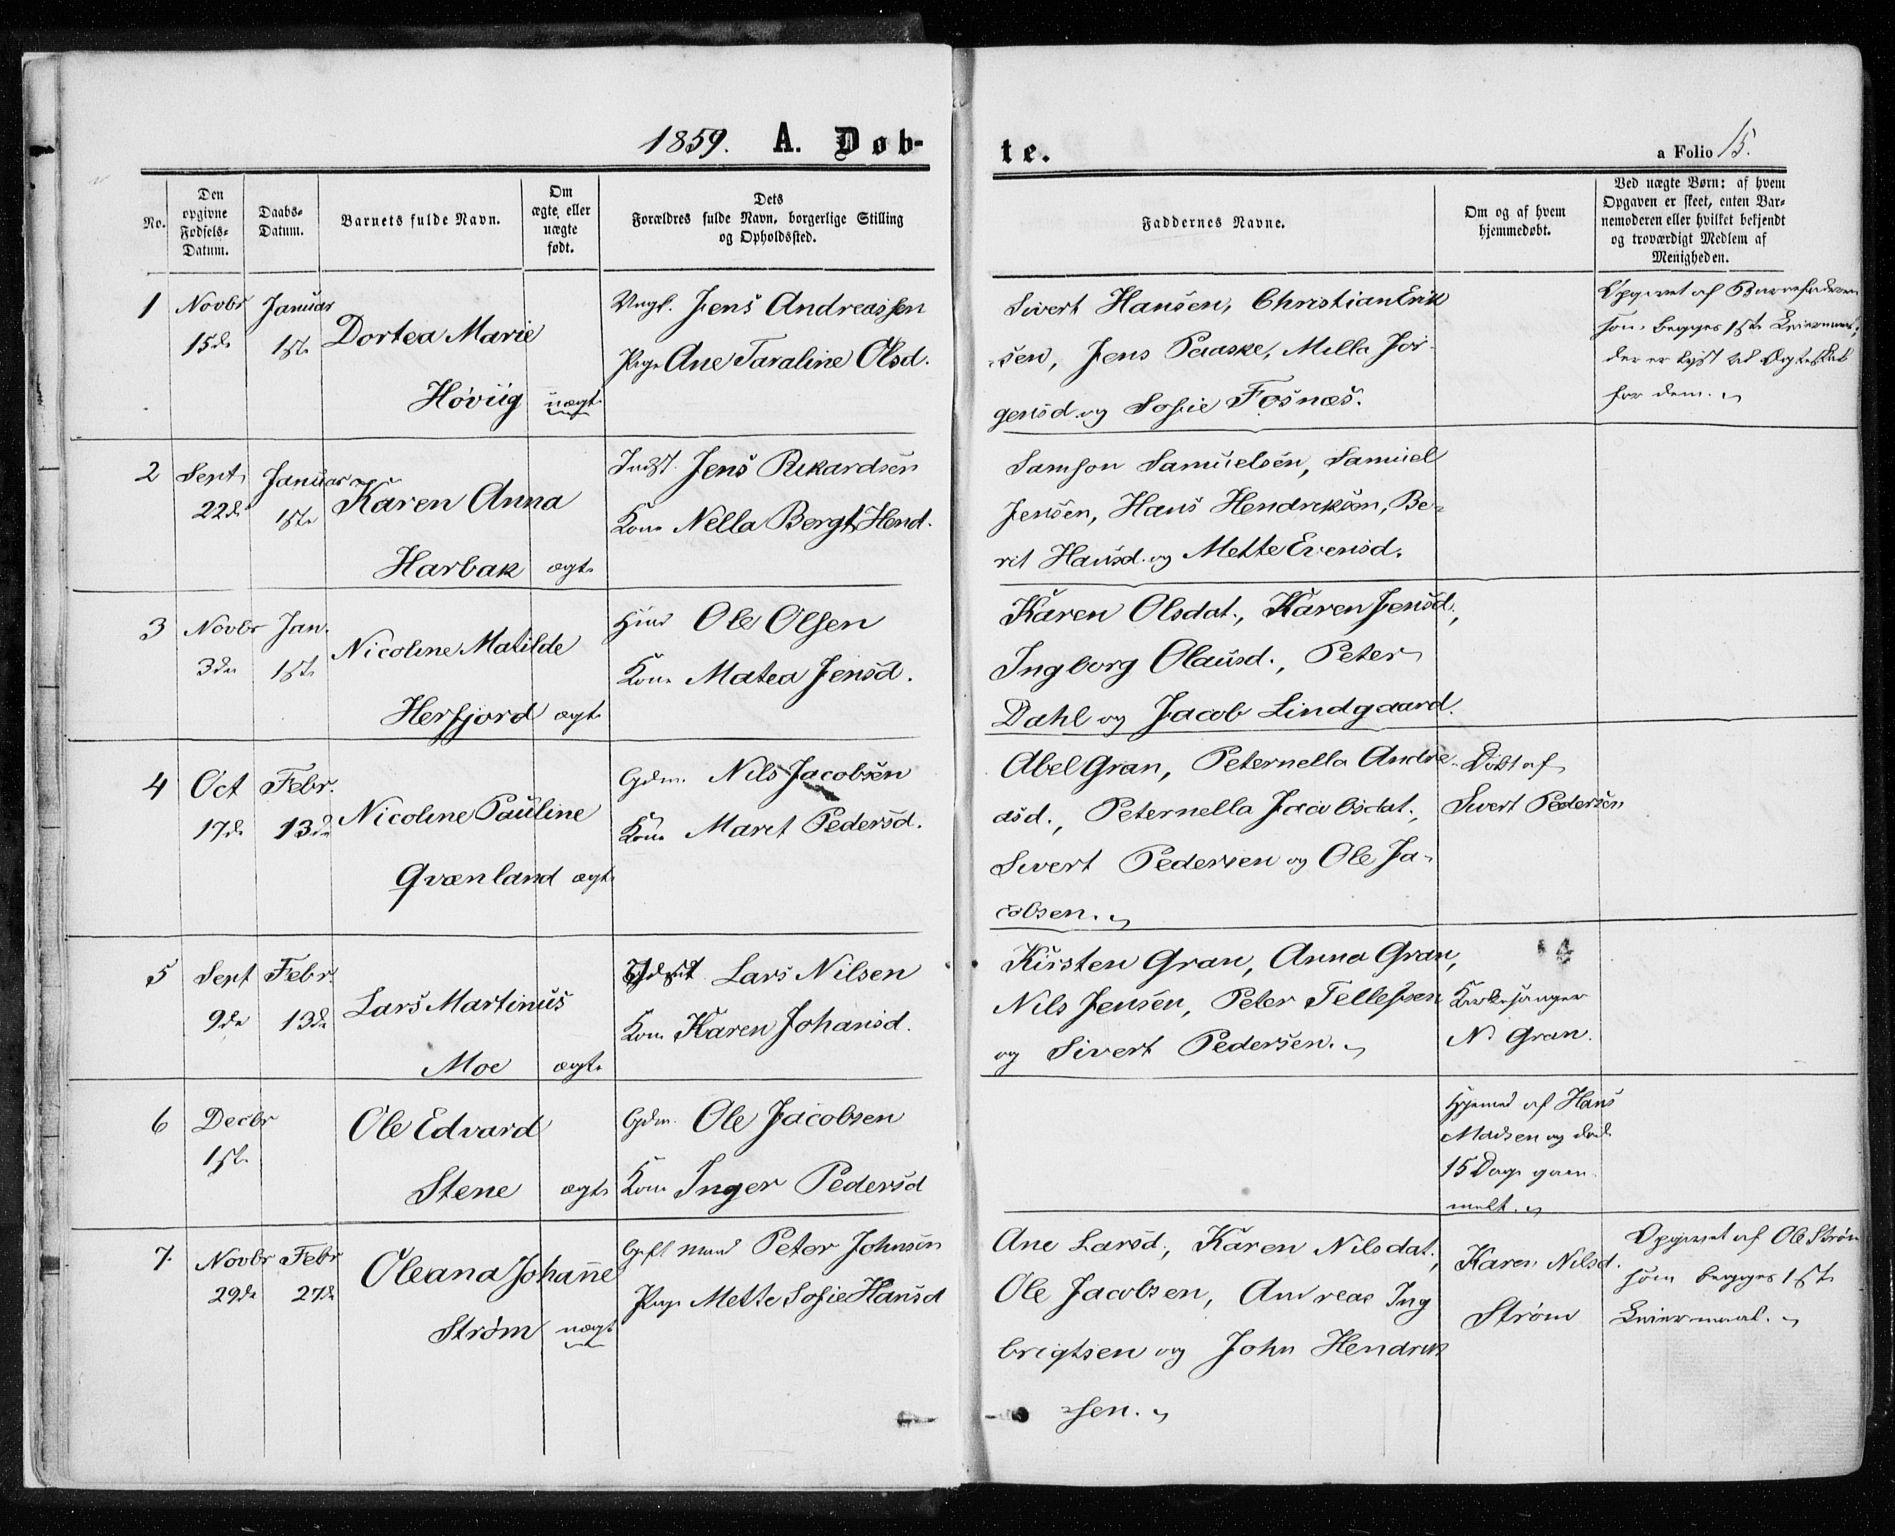 SAT, Ministerialprotokoller, klokkerbøker og fødselsregistre - Sør-Trøndelag, 657/L0705: Ministerialbok nr. 657A06, 1858-1867, s. 15